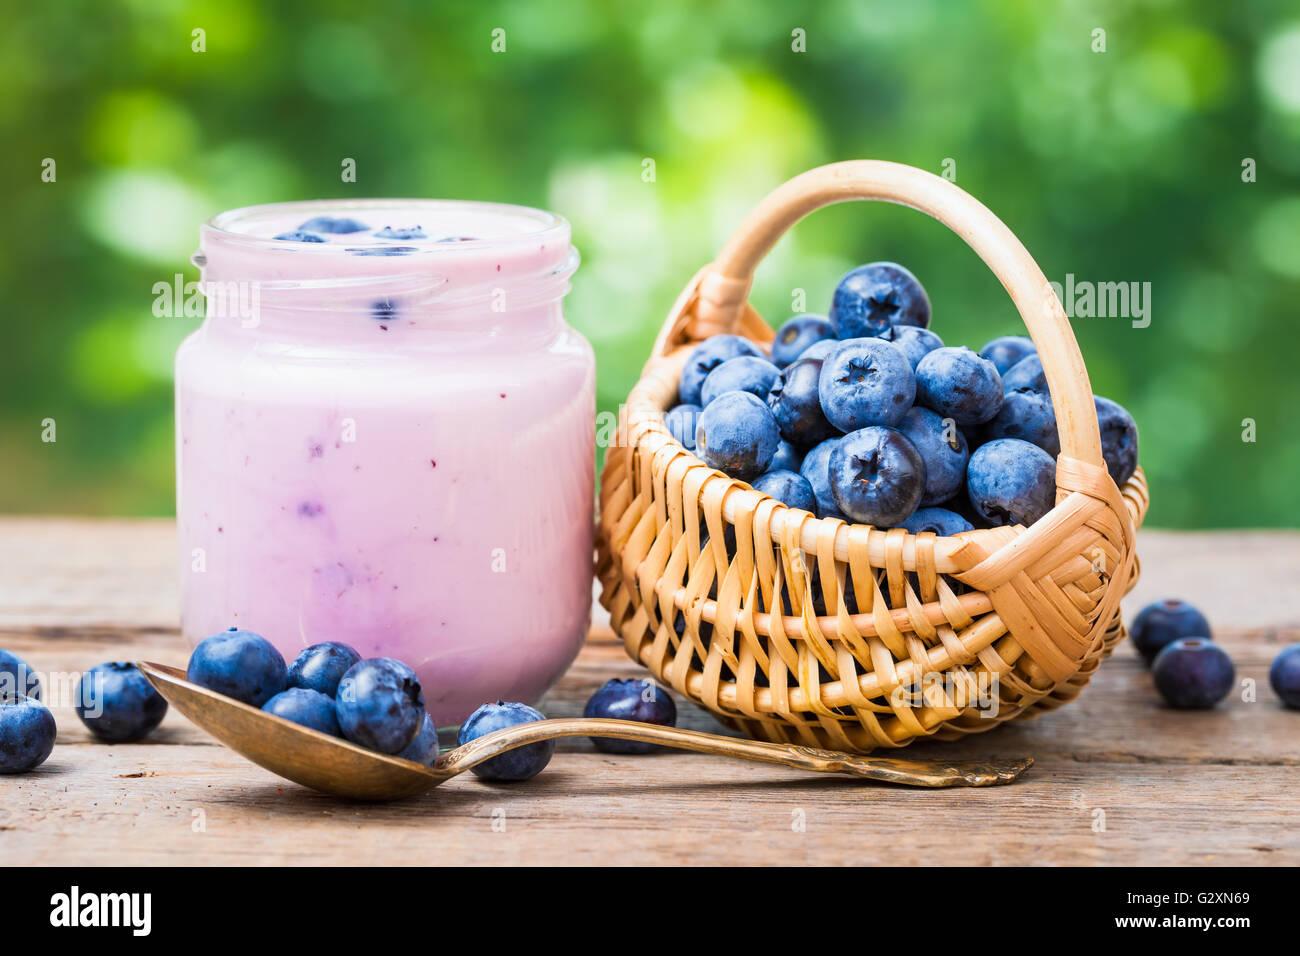 Mirtilli freschi yogurt nel vaso e piccolo cestino di mirtilli. Immagini Stock